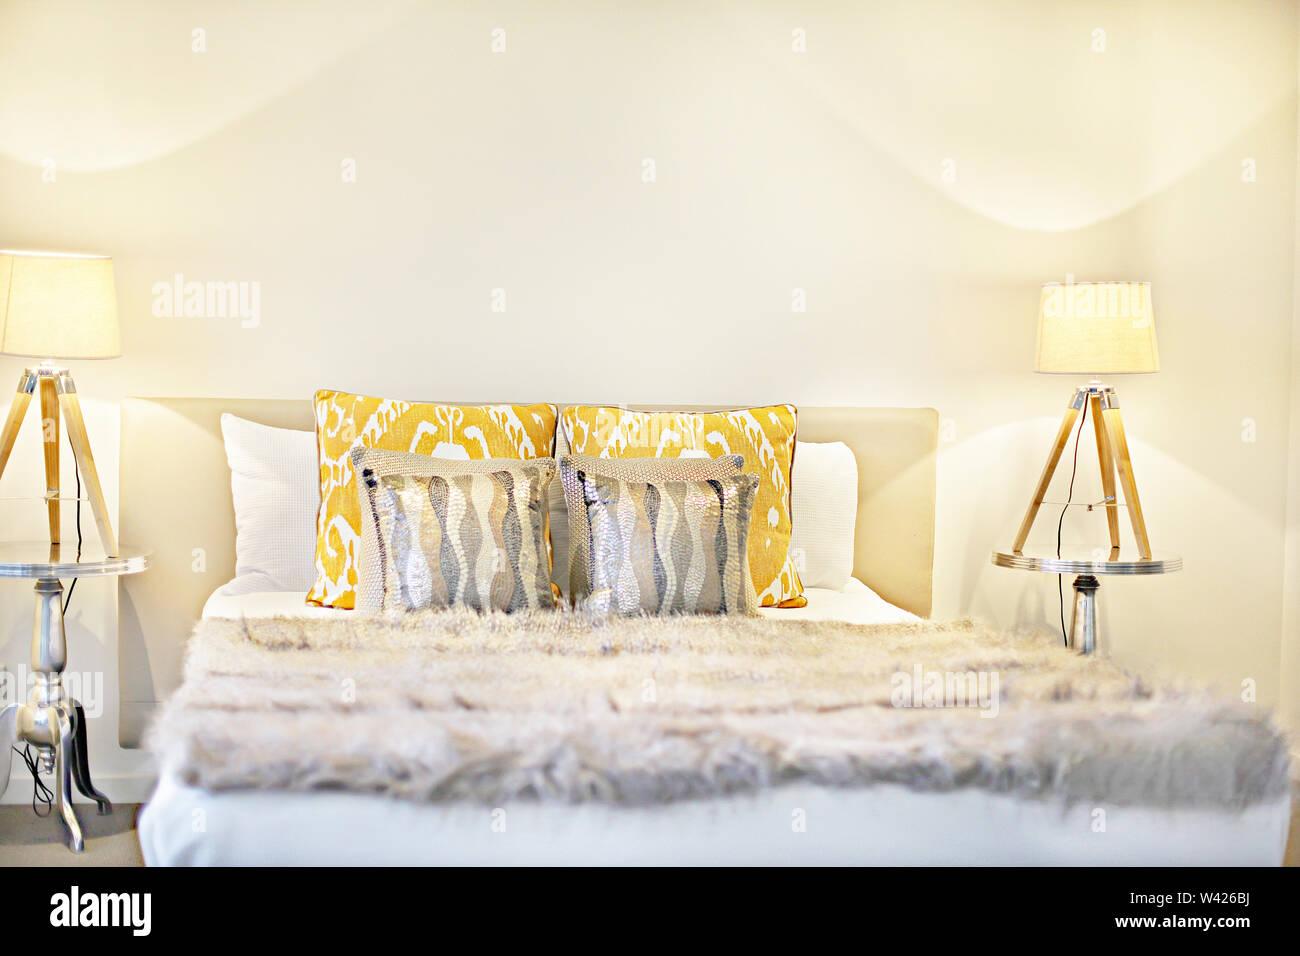 Letto con lampade lampeggianti compresi cuscini e coperta di lana, ci sono due lampade da tavolo con realizzato in legno intorno sulla superficie di argento, Immagini Stock